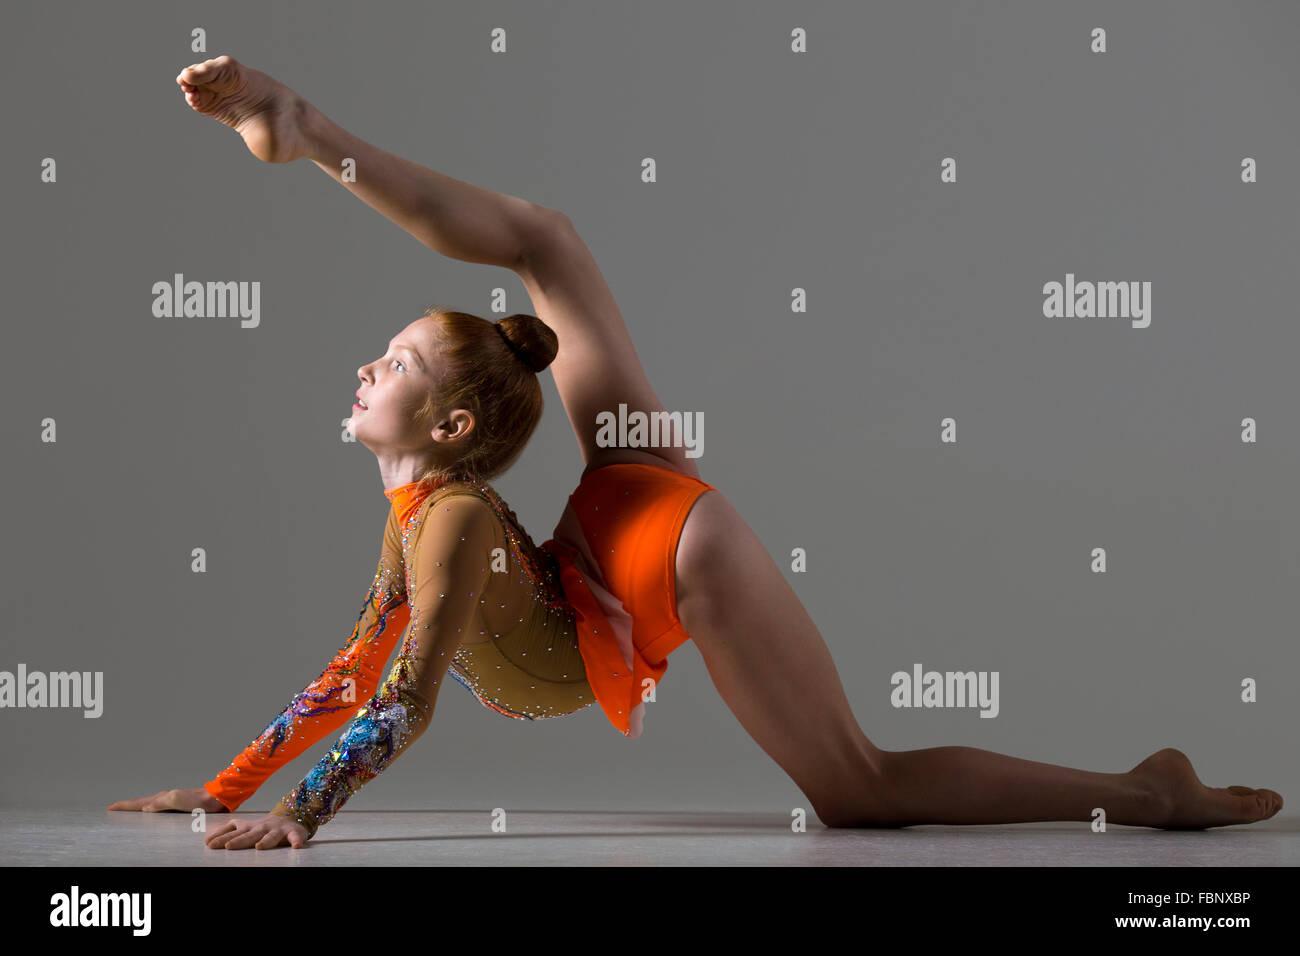 Attraente atleta ginnasta ragazza adolescente che indossa la ballerina colorata leotard lavorando fuori, dancing, Immagini Stock